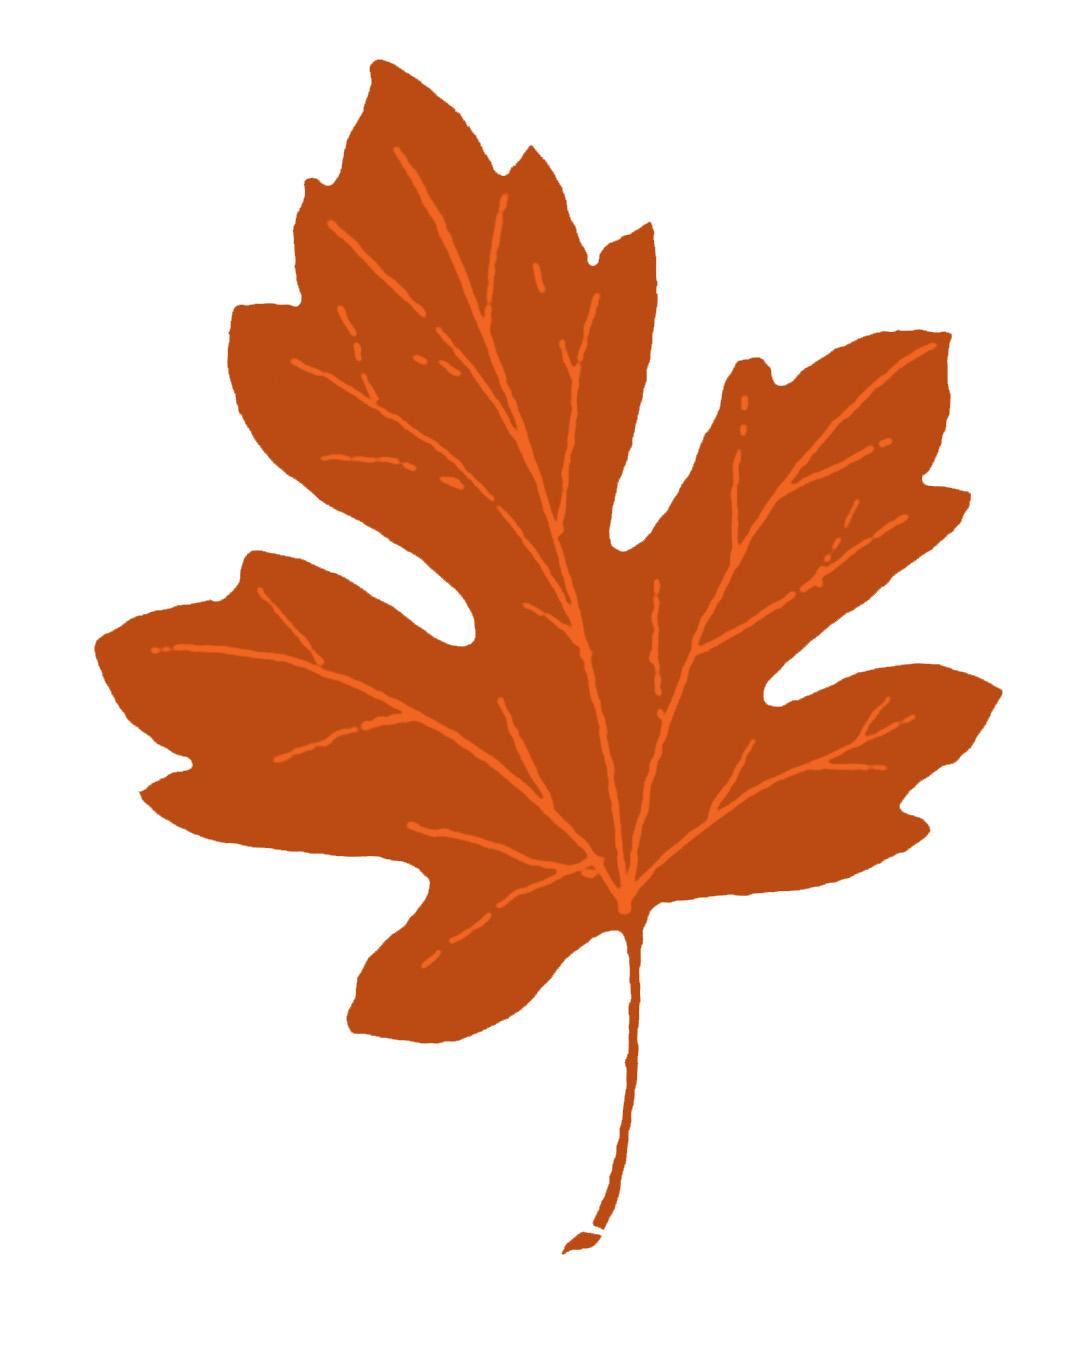 Vintage Fall Clip Art U2013 Maple Leaves-Vintage Fall Clip Art u2013 Maple Leaves-18